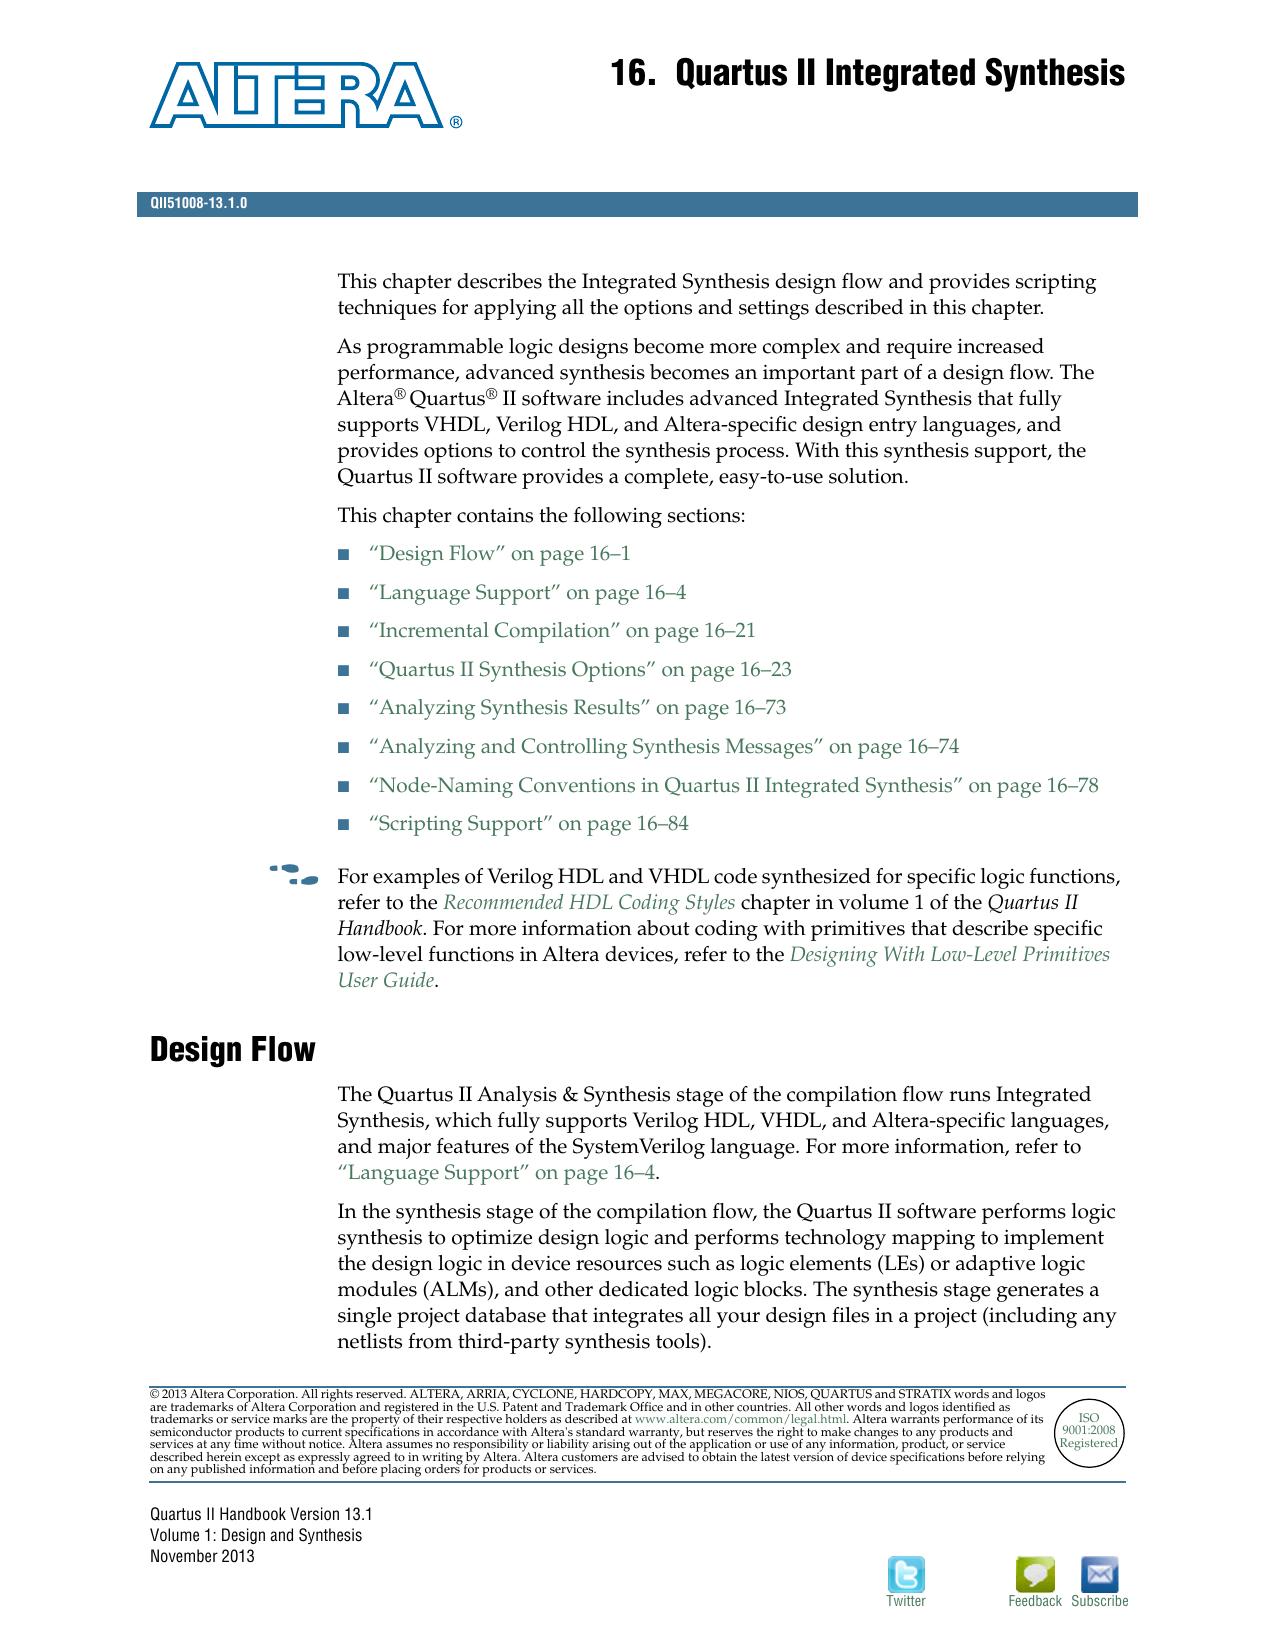 Quartus II Integrated Synthesis, Quartus II Handbook | manualzz com